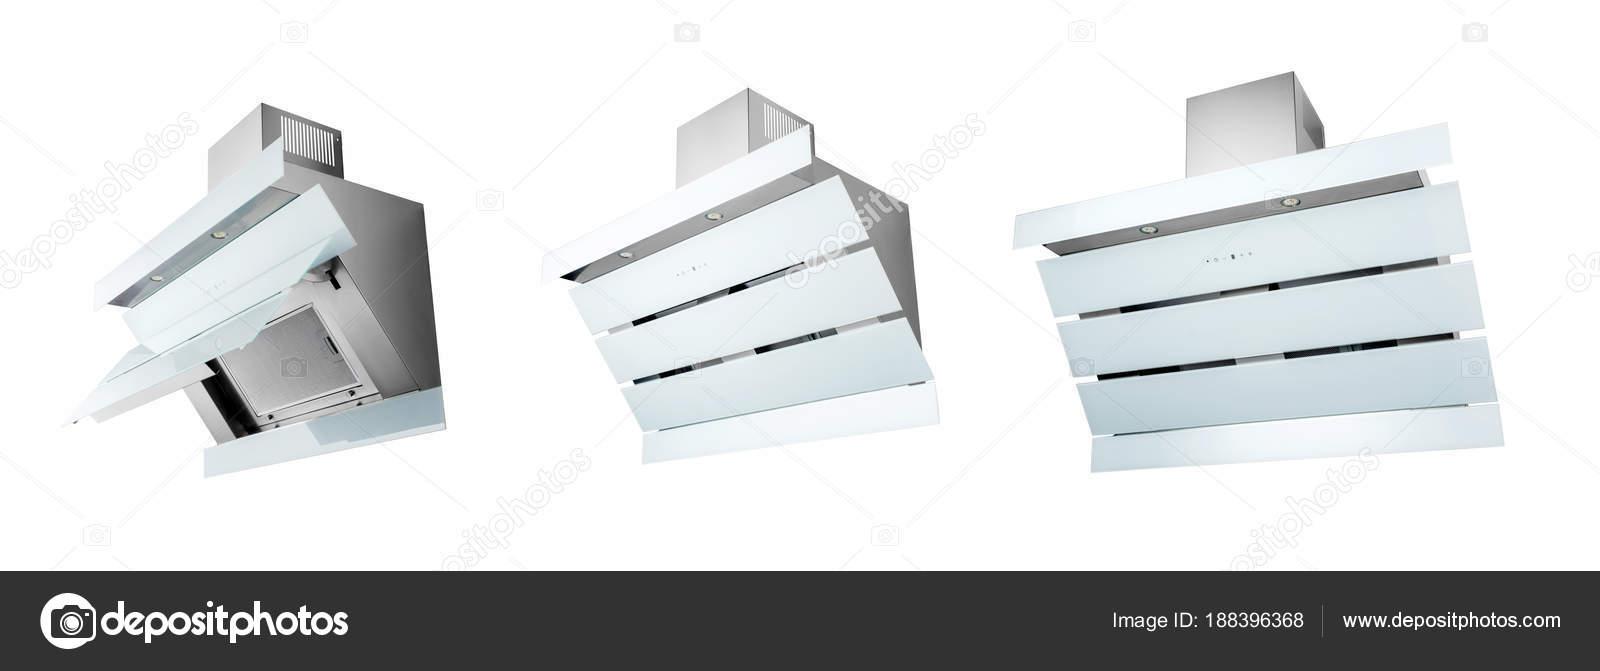 Cappa cucina bianca moderna, isolato su bianco. Tre posizioni — Foto ...